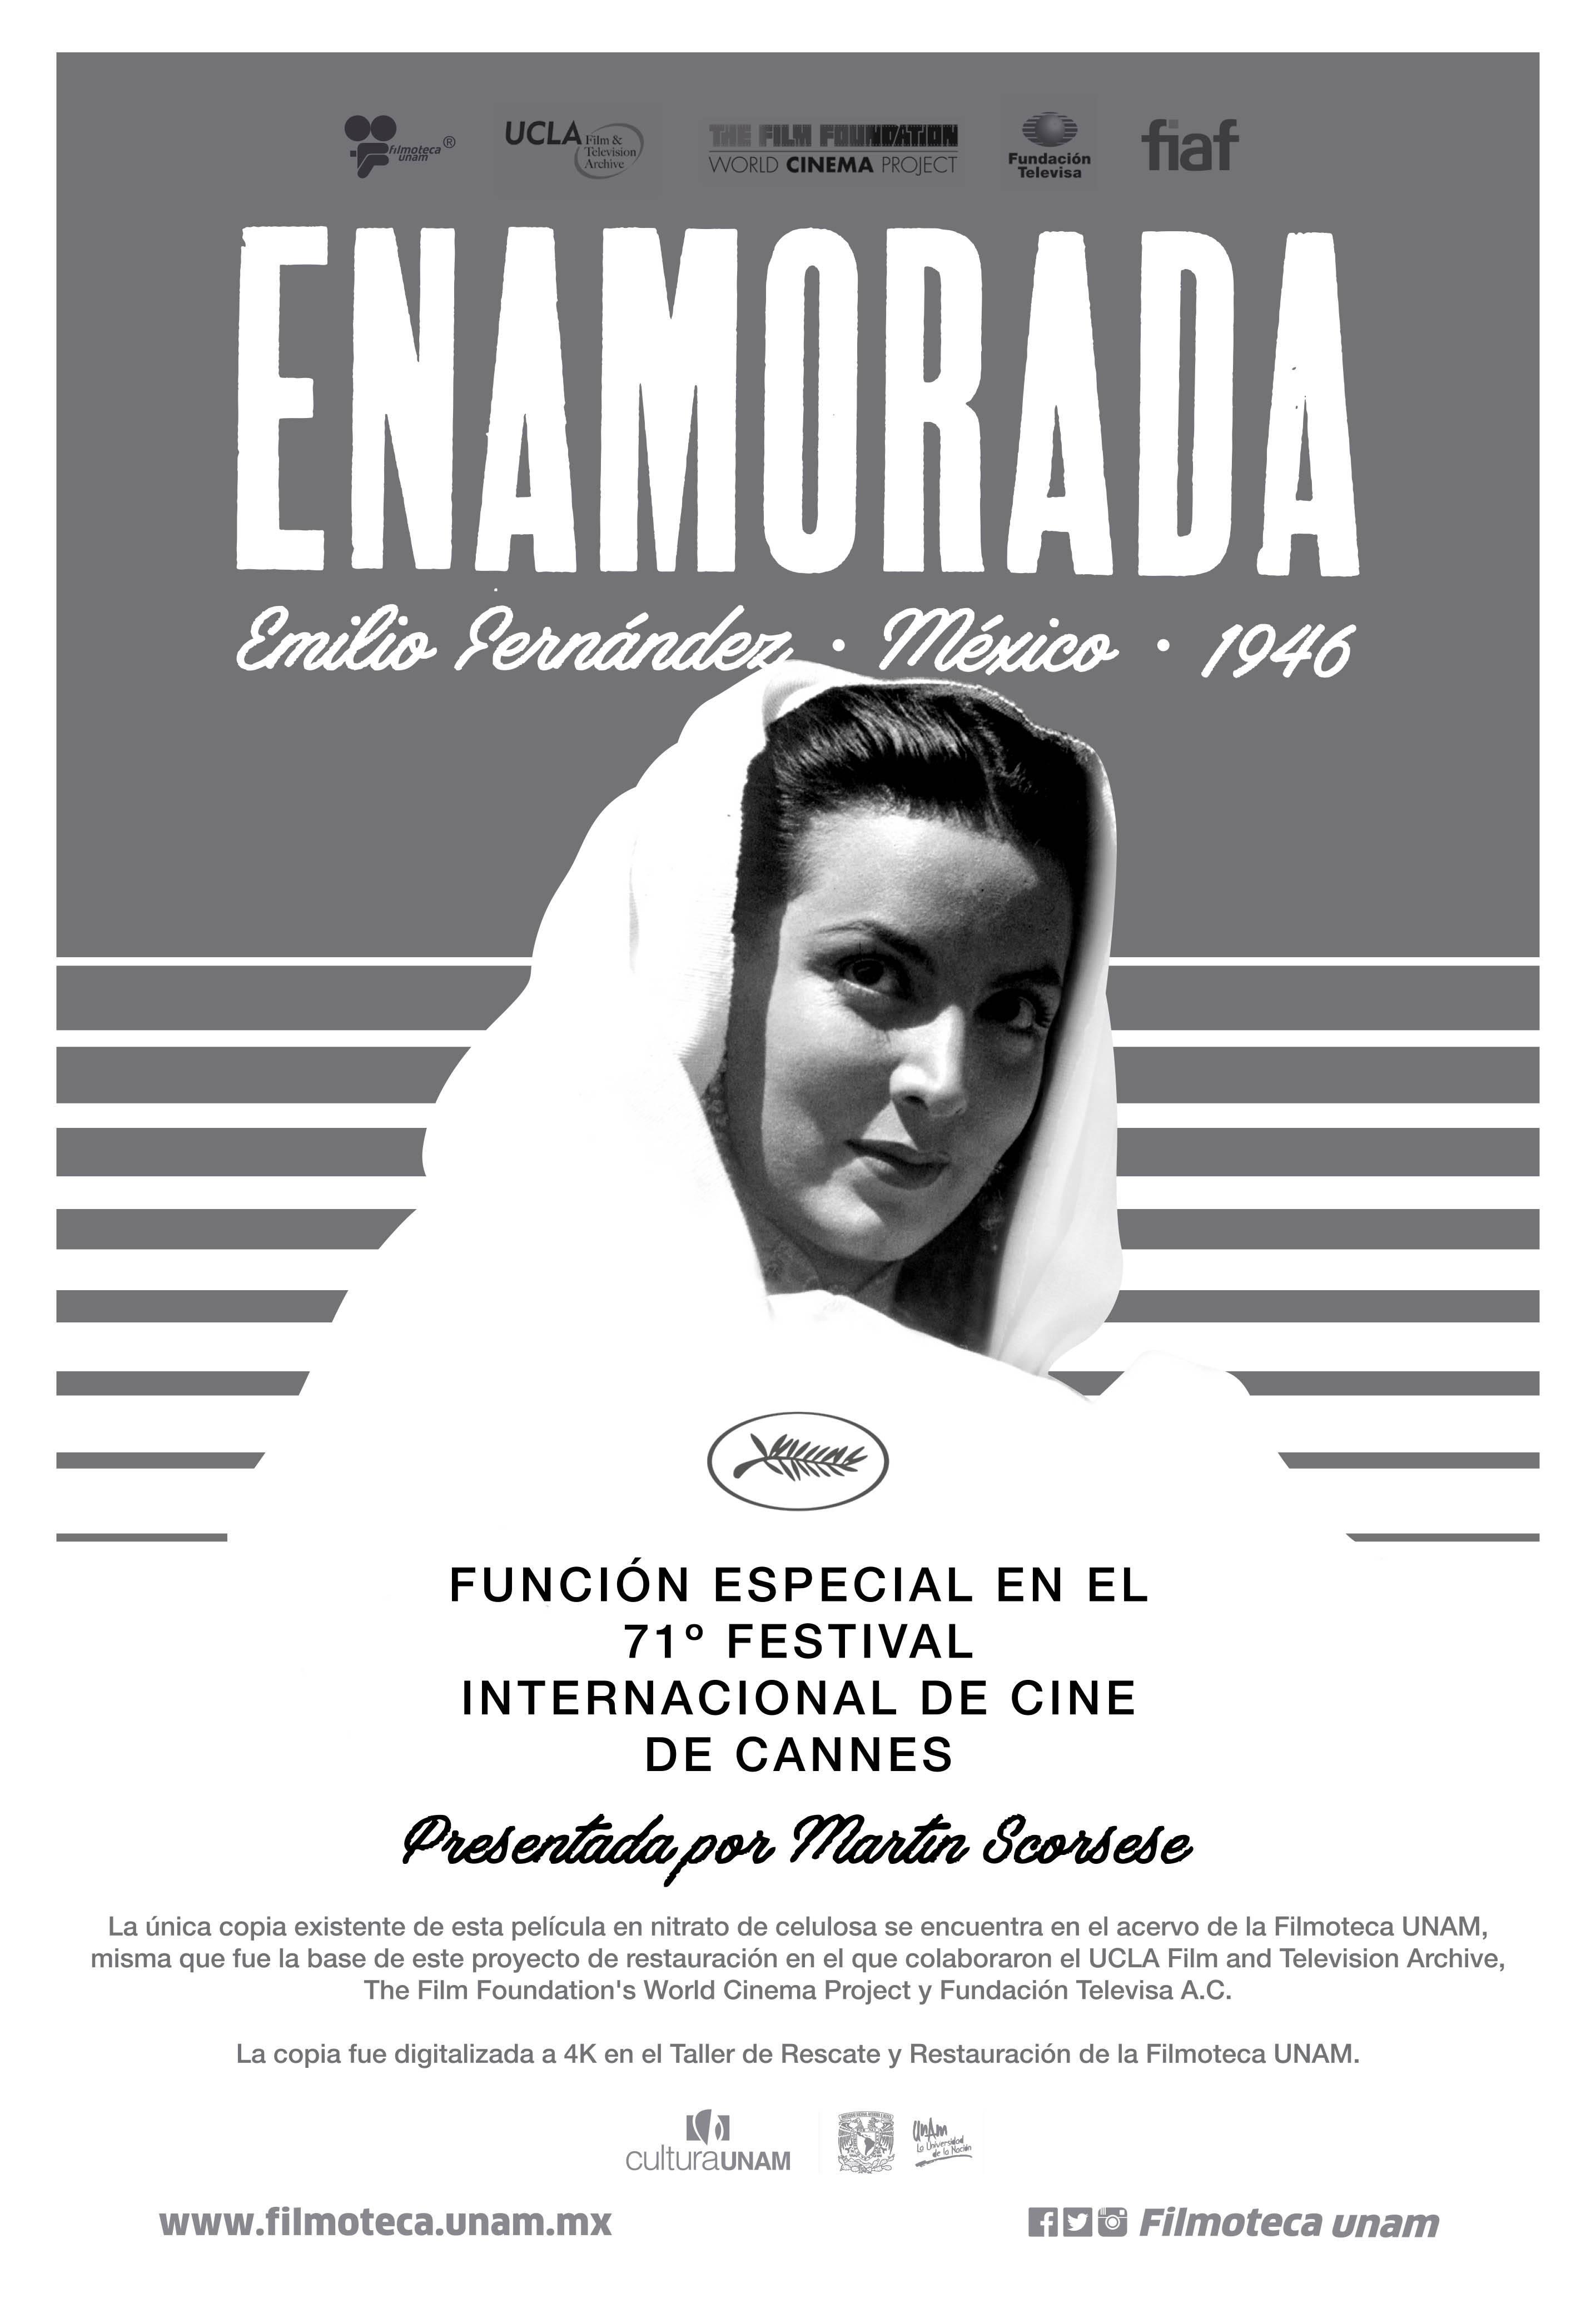 UNAM digitaliza película antigua en 4K para Martin Scorsese en el Festival de Cannes